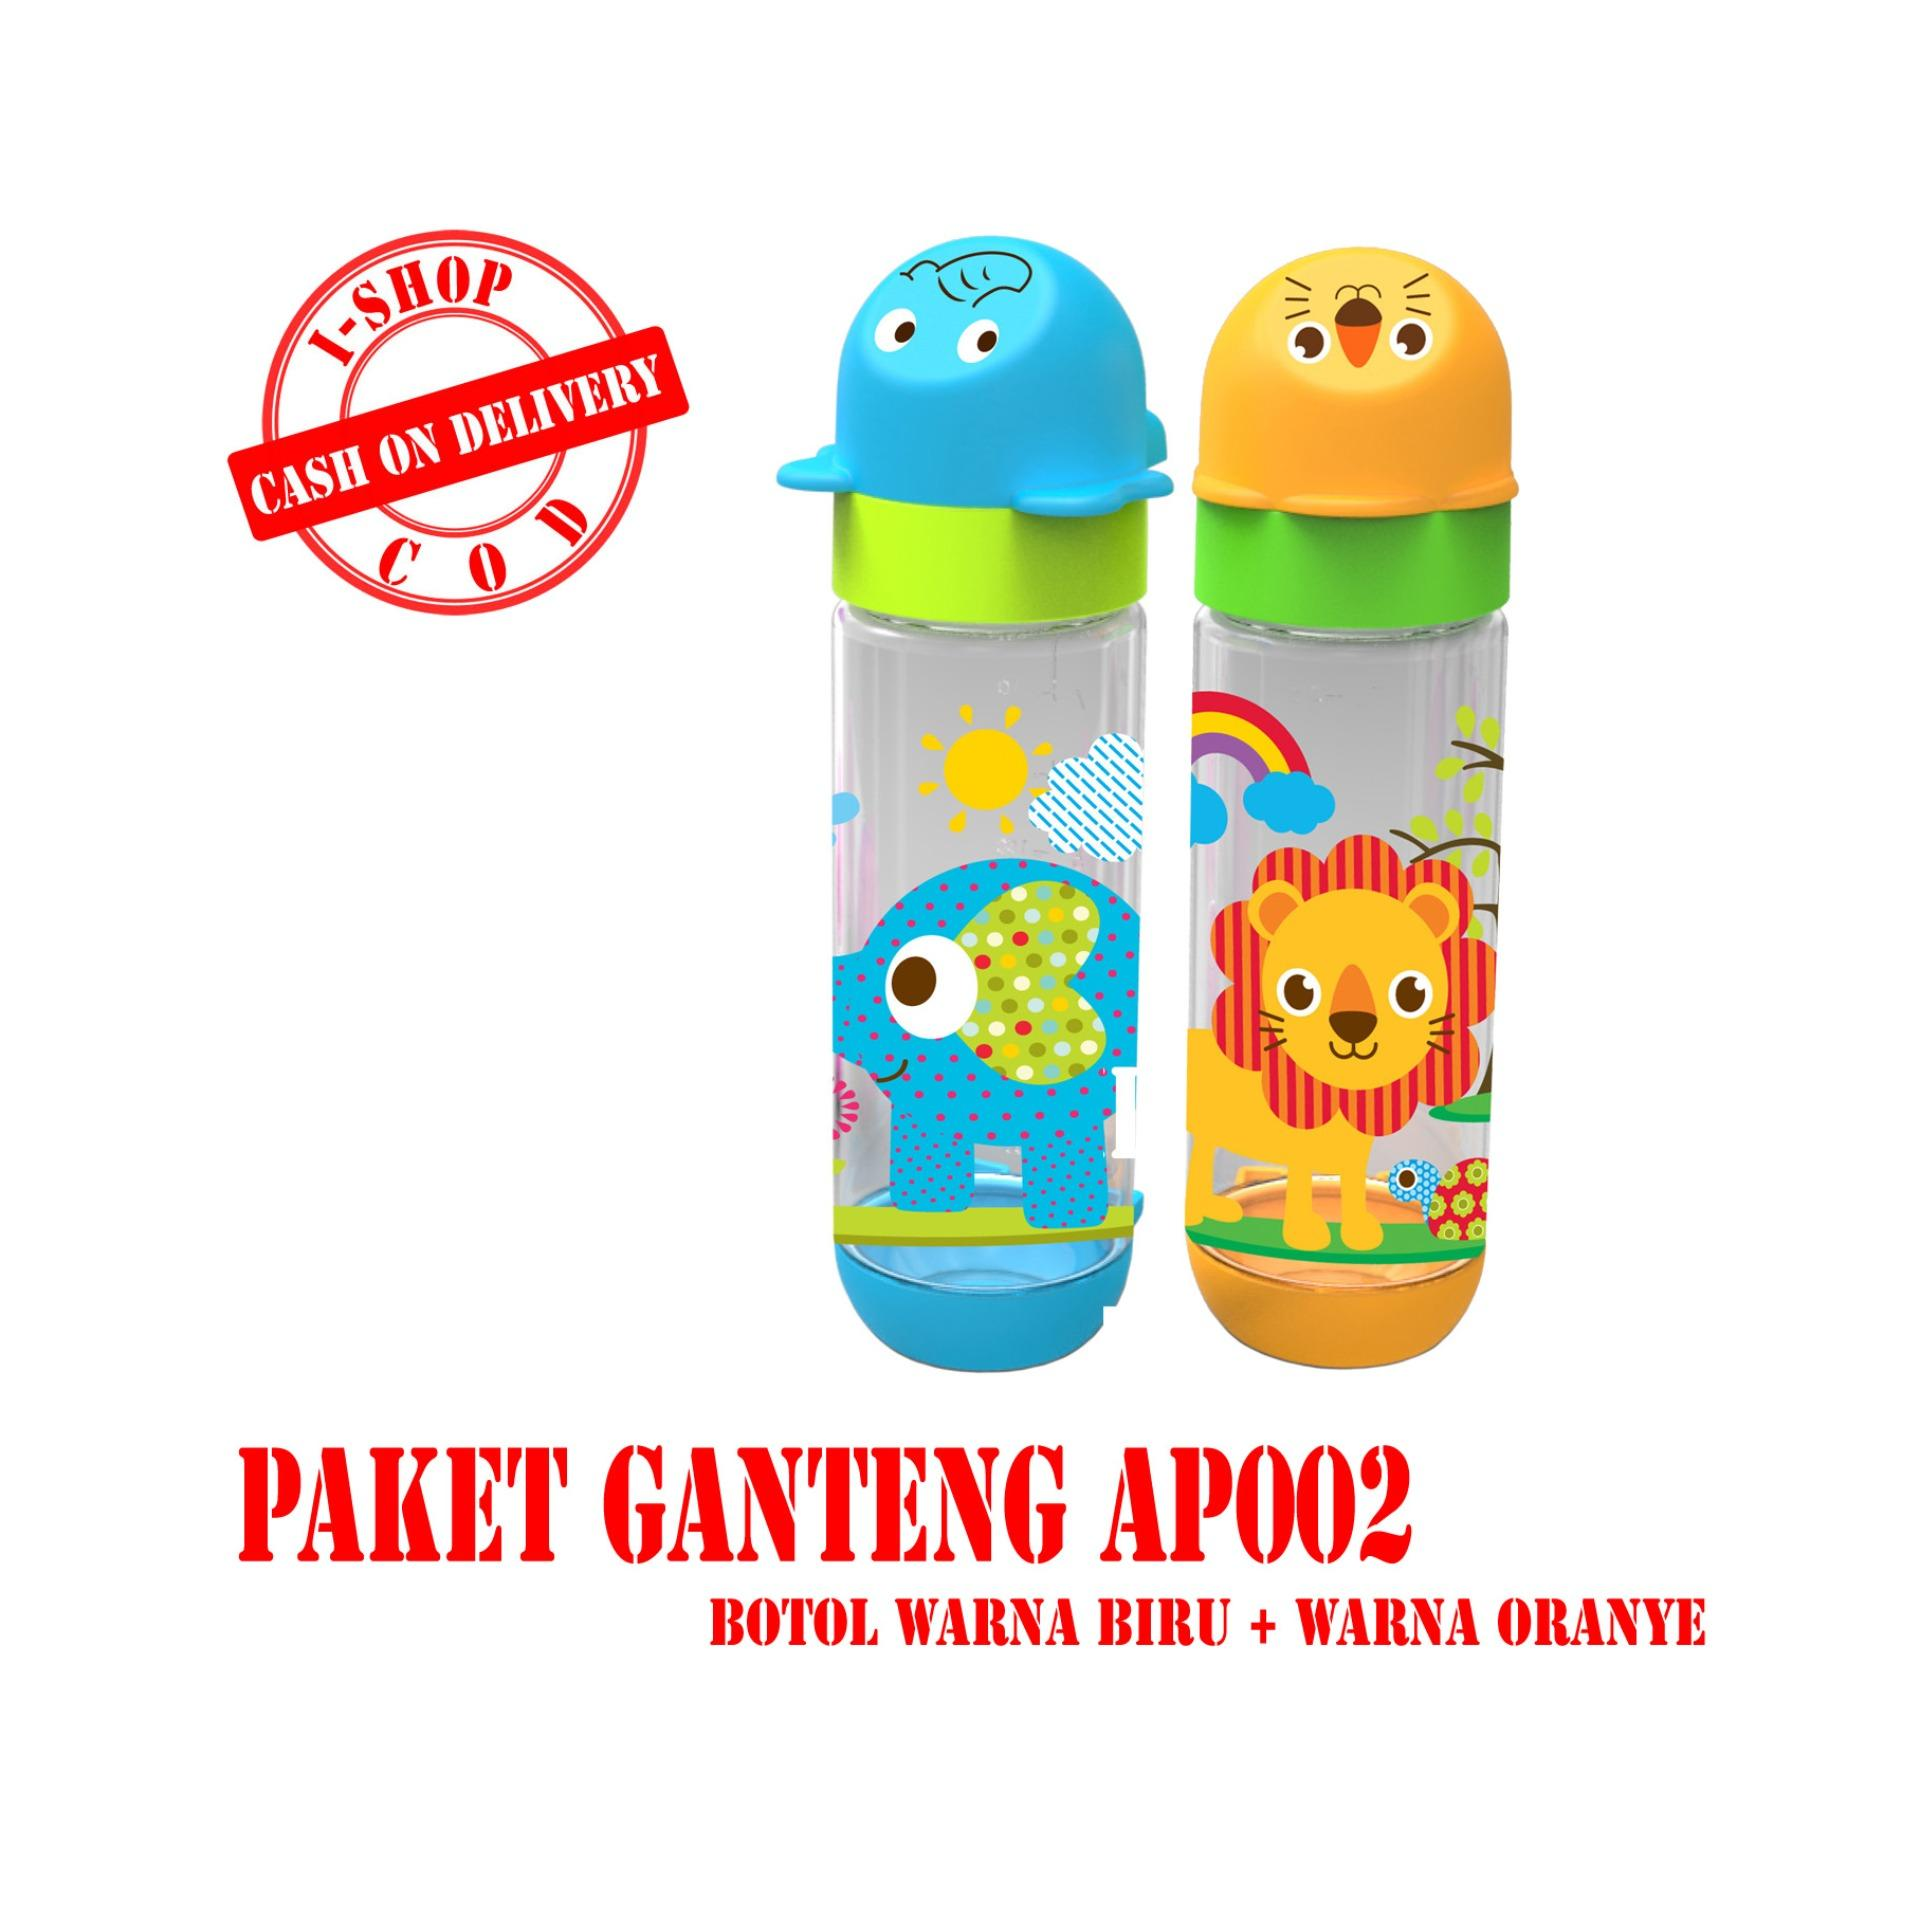 Pencarian Termurah i-shop PAKET GANTENG Baby Safe Botol Susu Bayi 250 ml / Feeding Bottle 250ml / Botol Susu Karakter Kepala Binatang / AP002 sale - Hanya ...